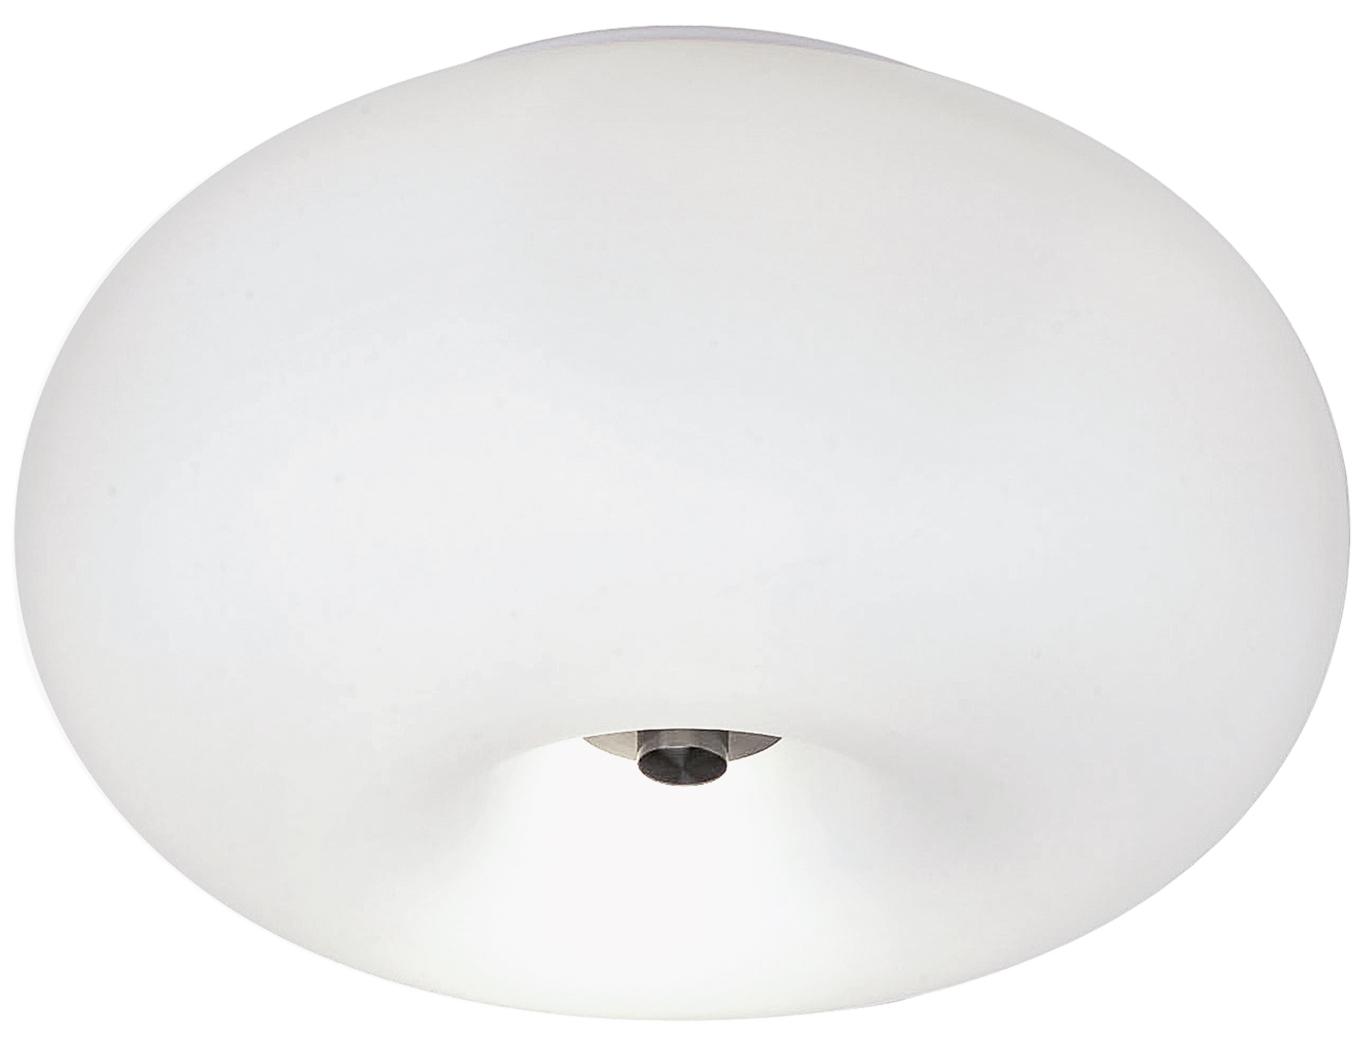 Aplica Eglo Optica Colectia Style  2x60w  H16cm Di